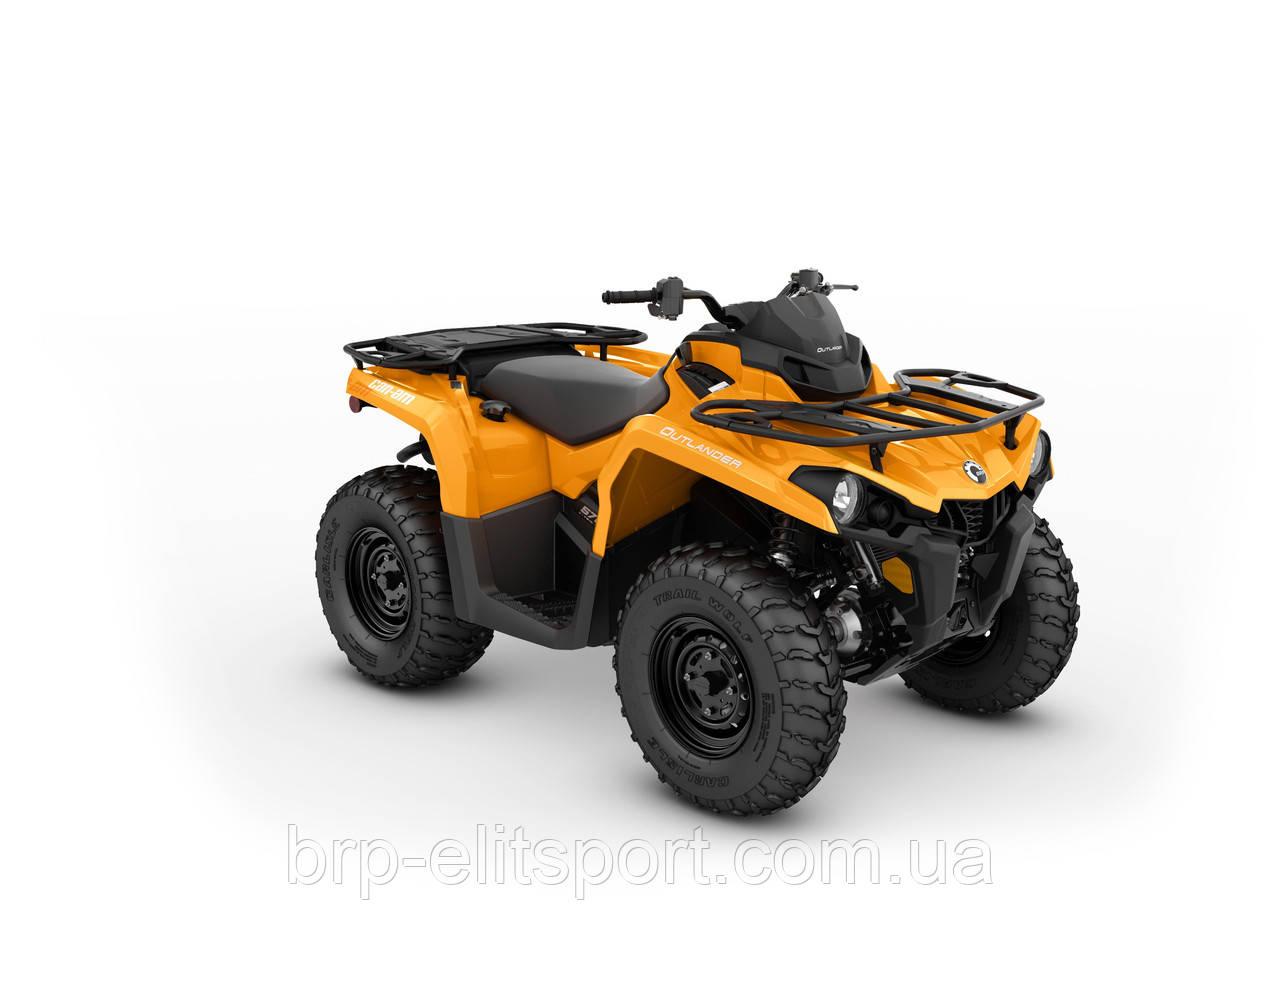 Outlander 570 DPS